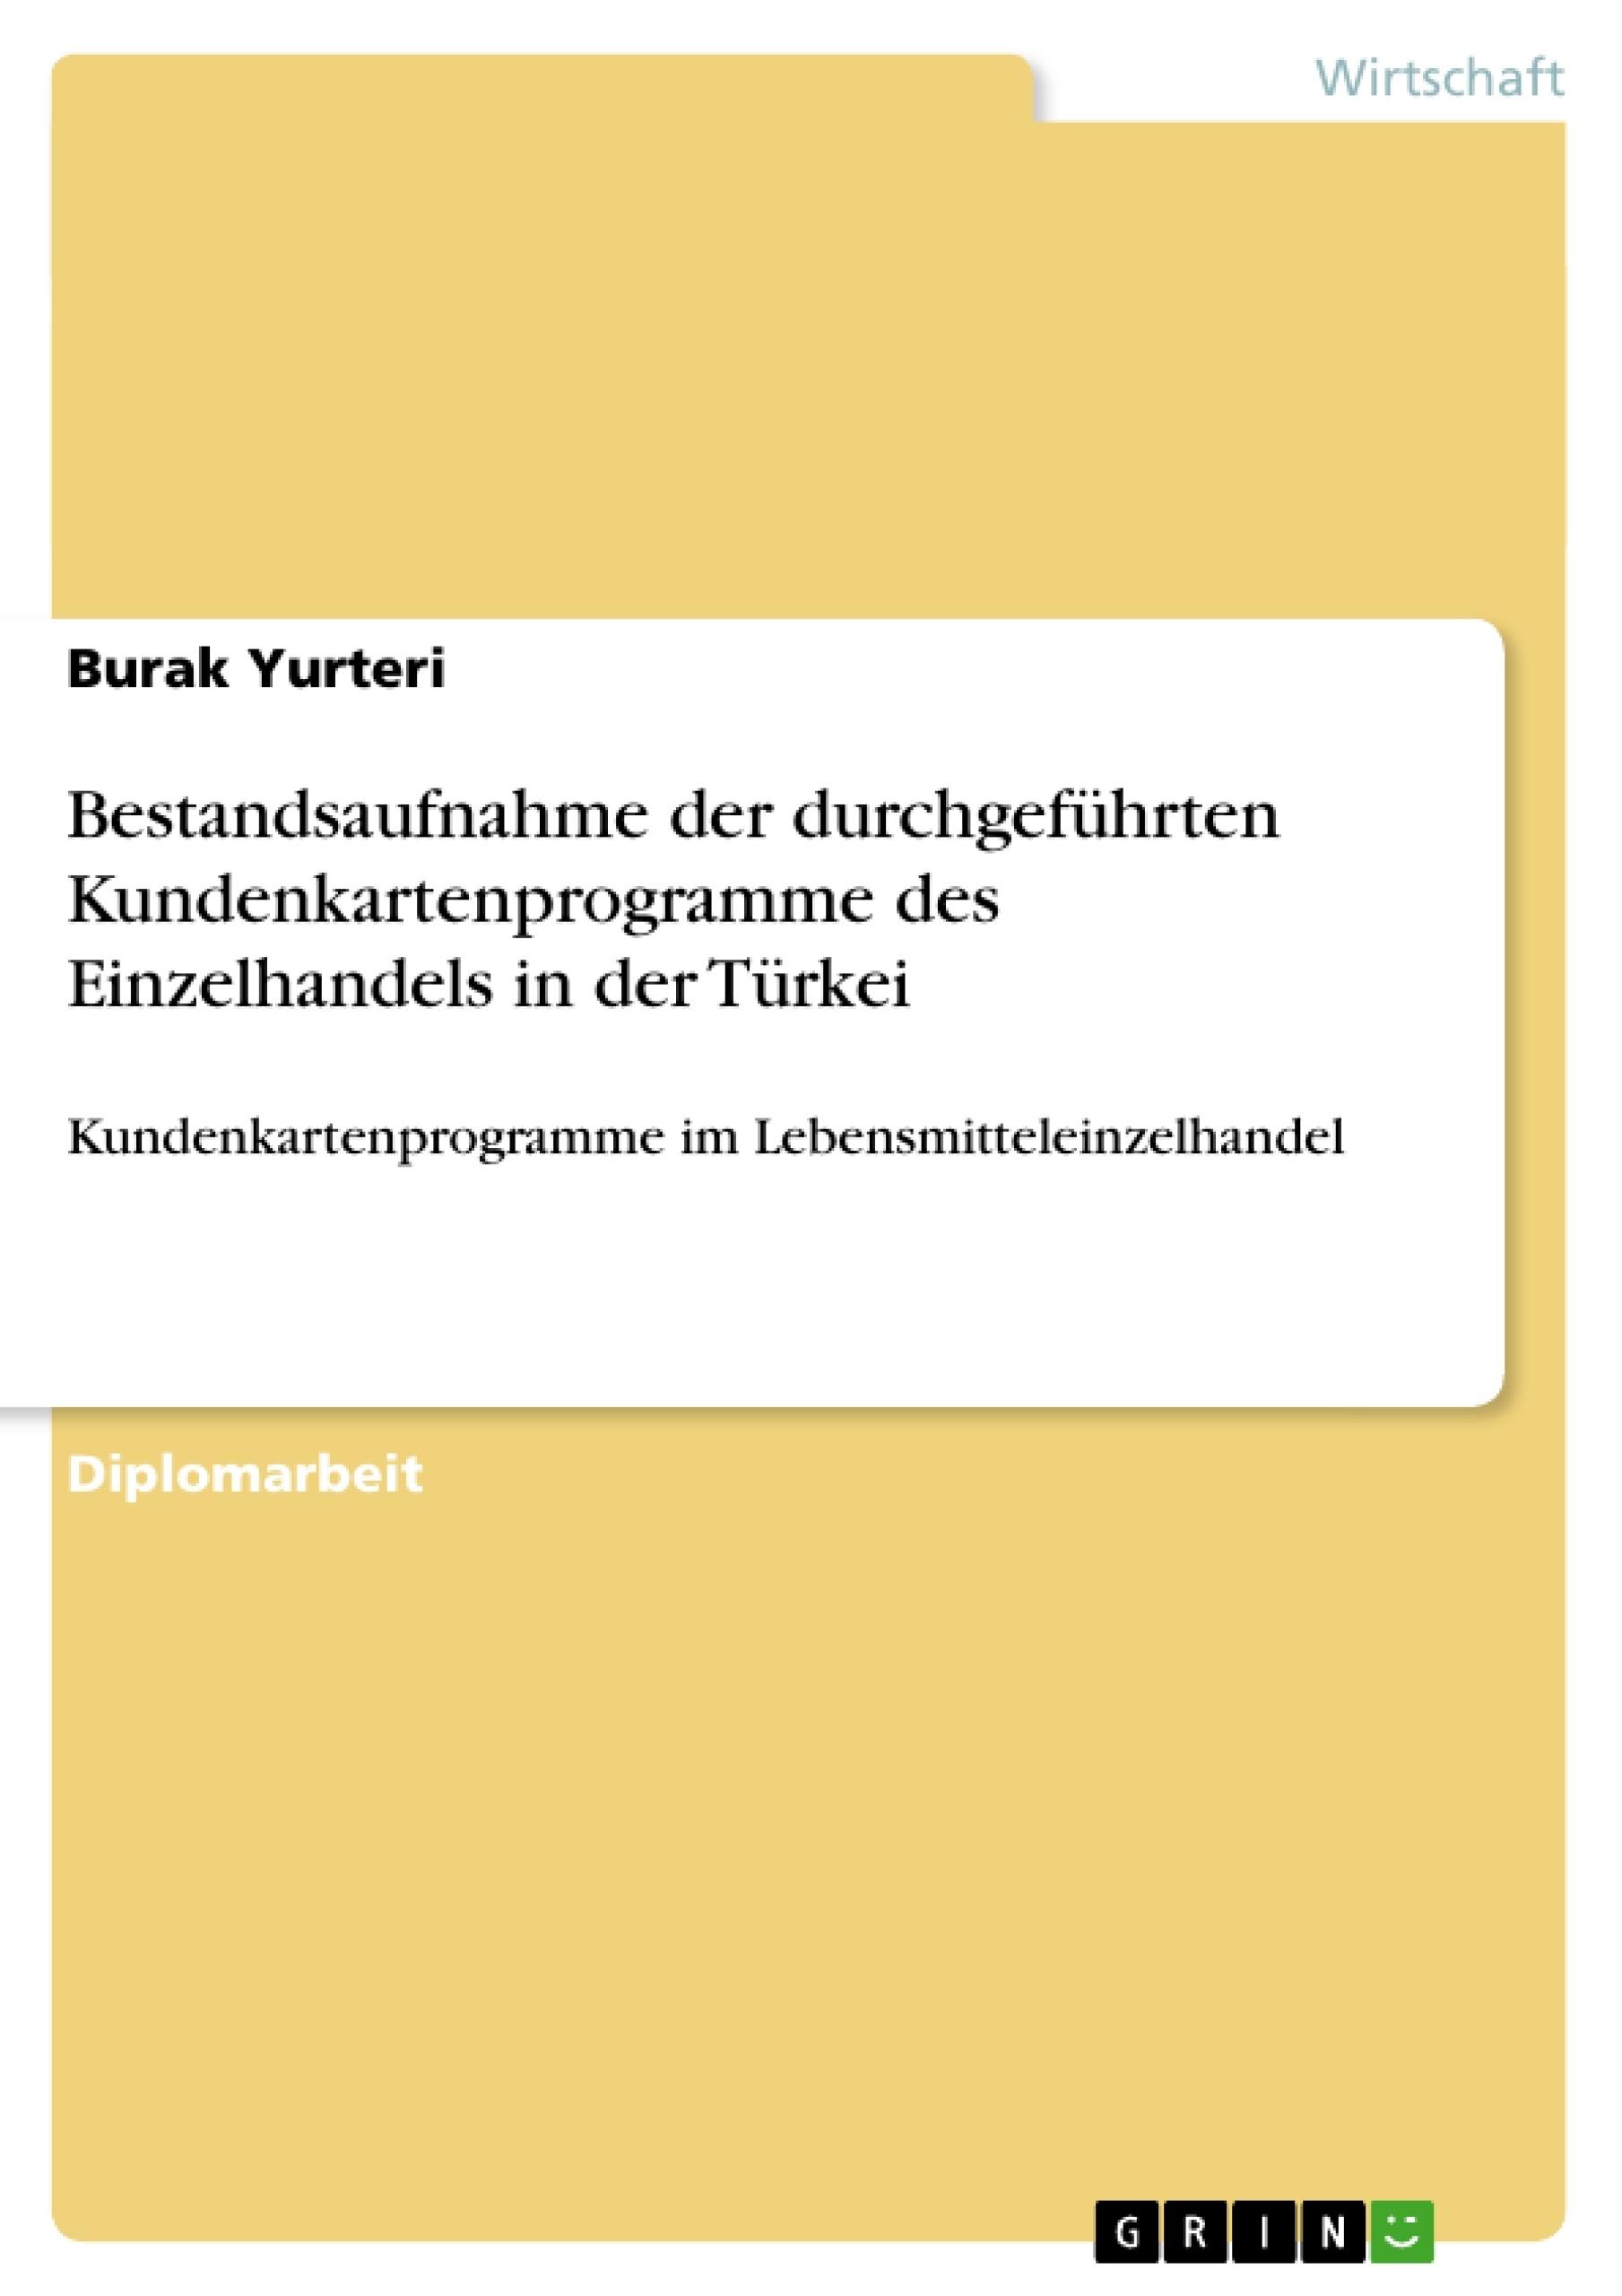 Titel: Bestandsaufnahme der durchgeführten Kundenkartenprogramme des Einzelhandels in der Türkei